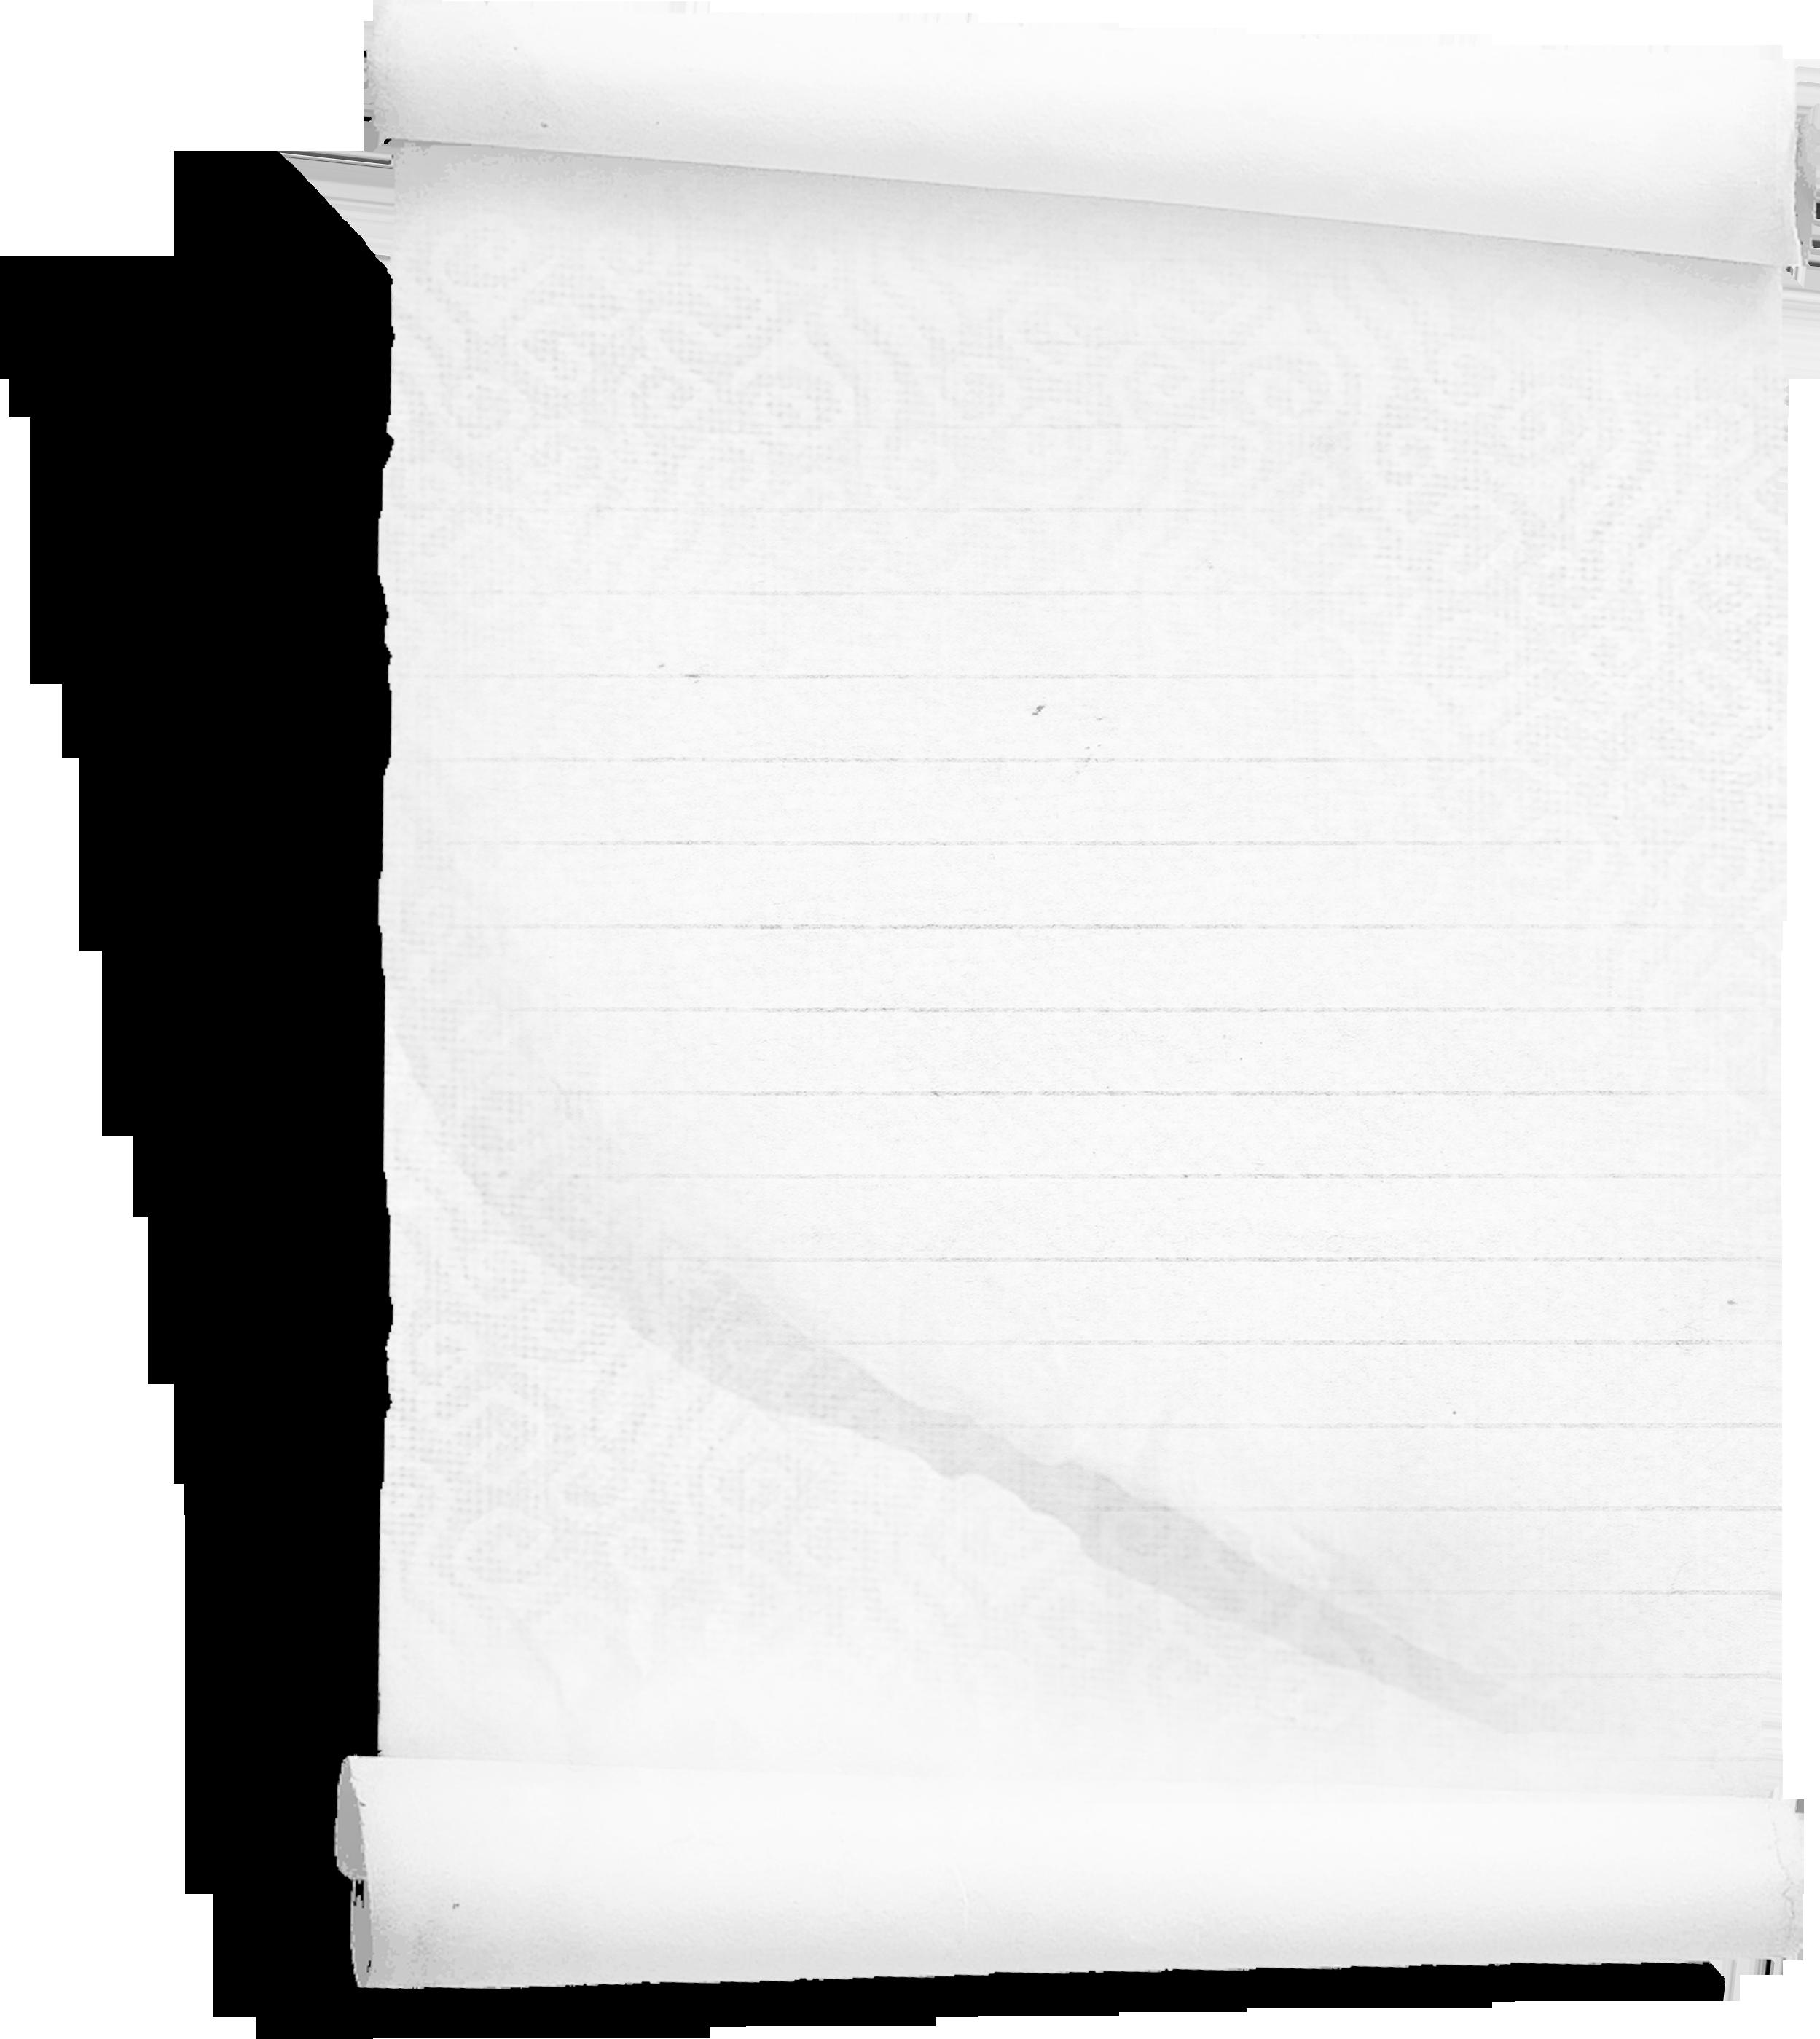 горячие листы бумаги картинки на прозрачном позвонил дверь